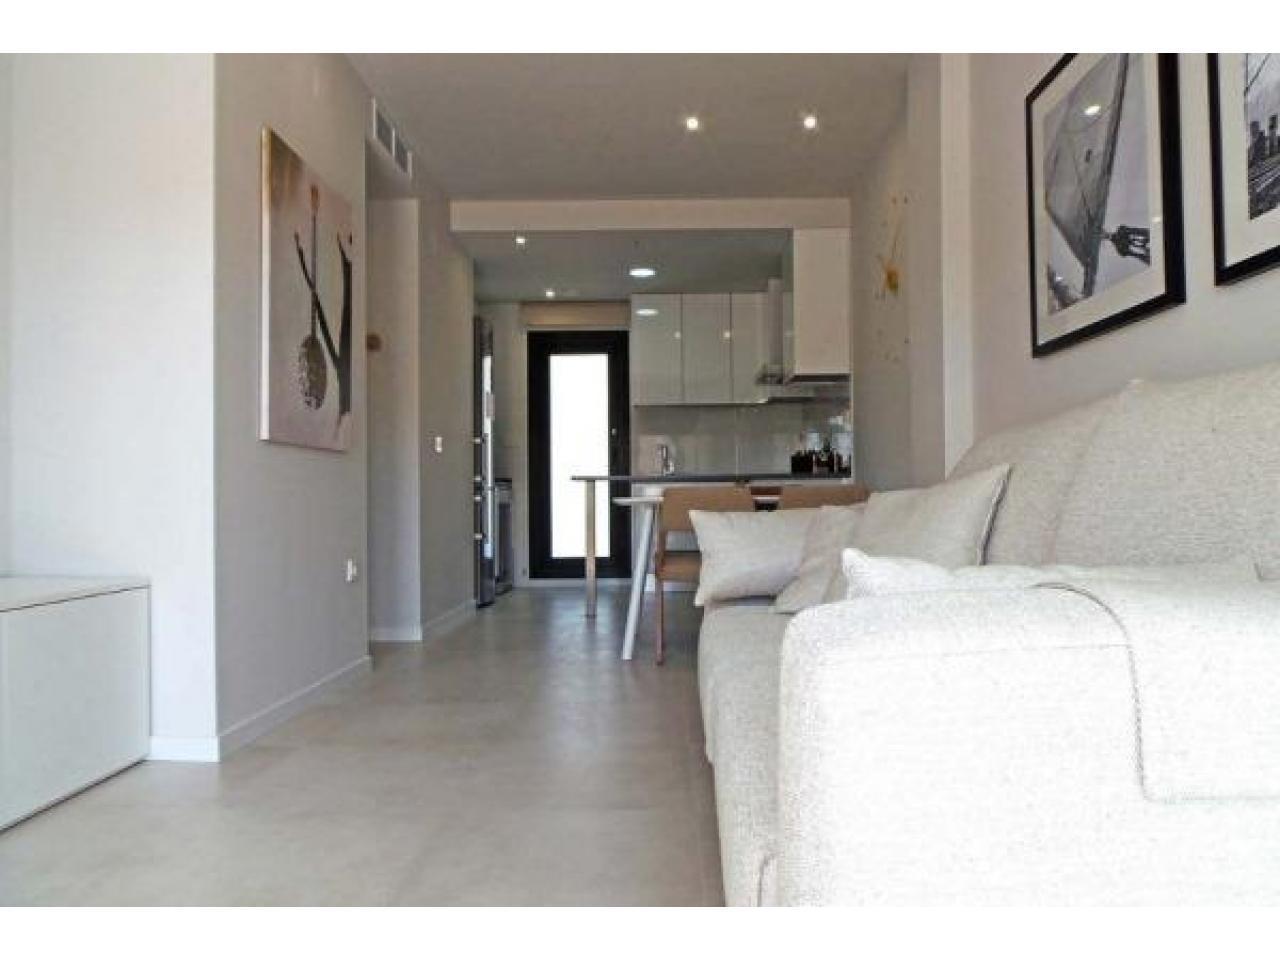 Недвижимость в Испании, Новые бунгало рядом с пляжем от застройщика в Миль Пальмерас - 2